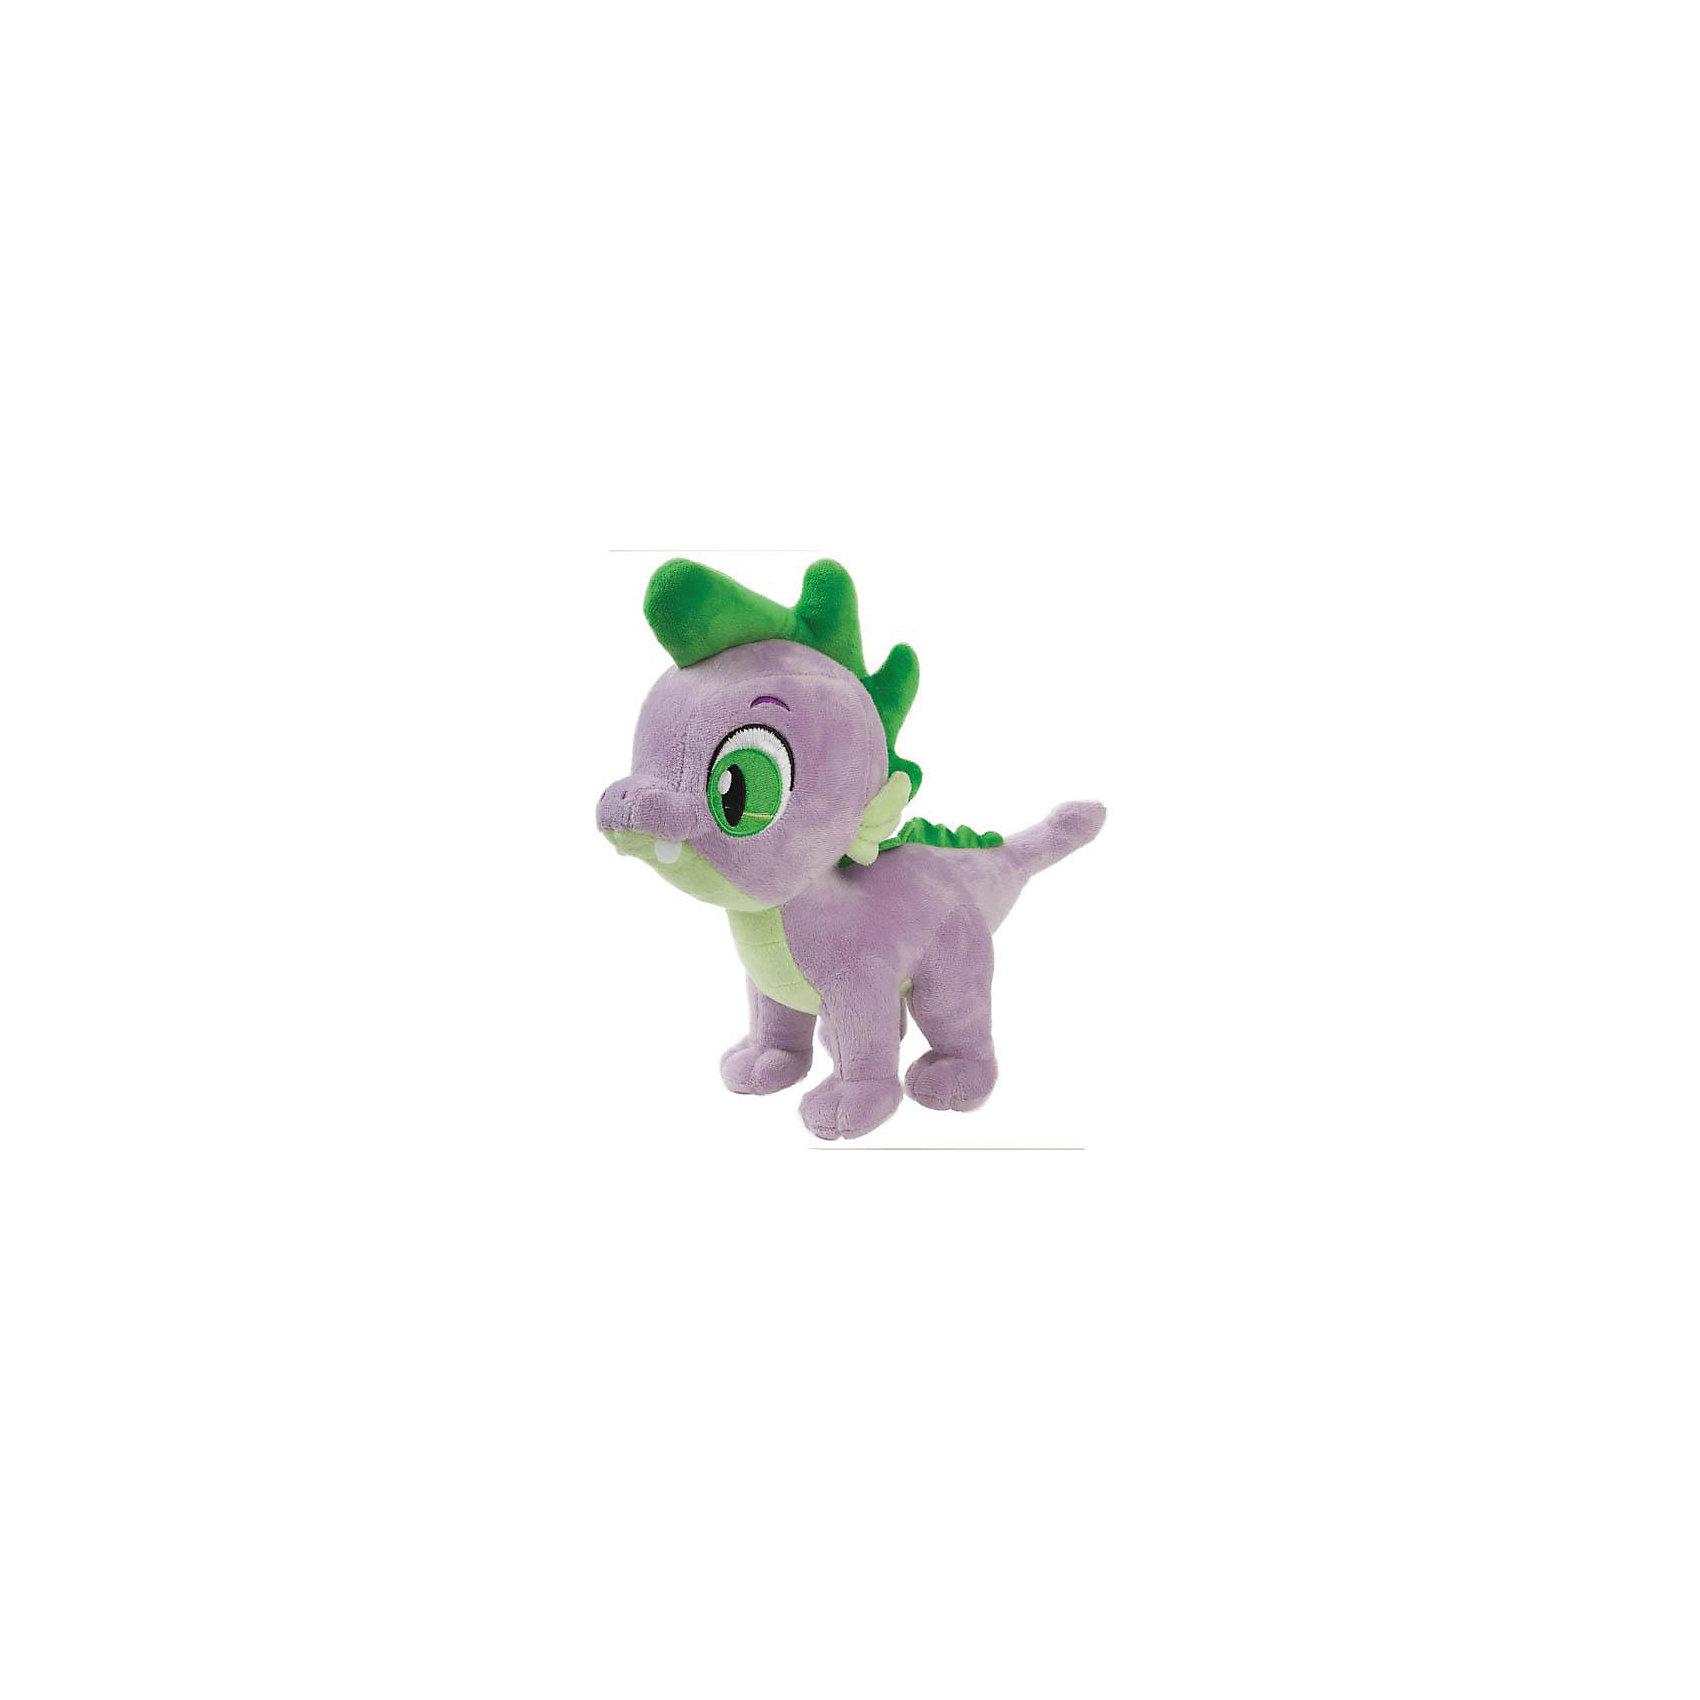 МУЛЬТИ-ПУЛЬТИ Мягкая игрушка Динозаврик Спайк, со звуком,  23 см, My little Pony, МУЛЬТИ-ПУЛЬТИ мульти пульти мягкая игрушка крокодильчик свомпи where is my water со звуком 20 см мульти пульти